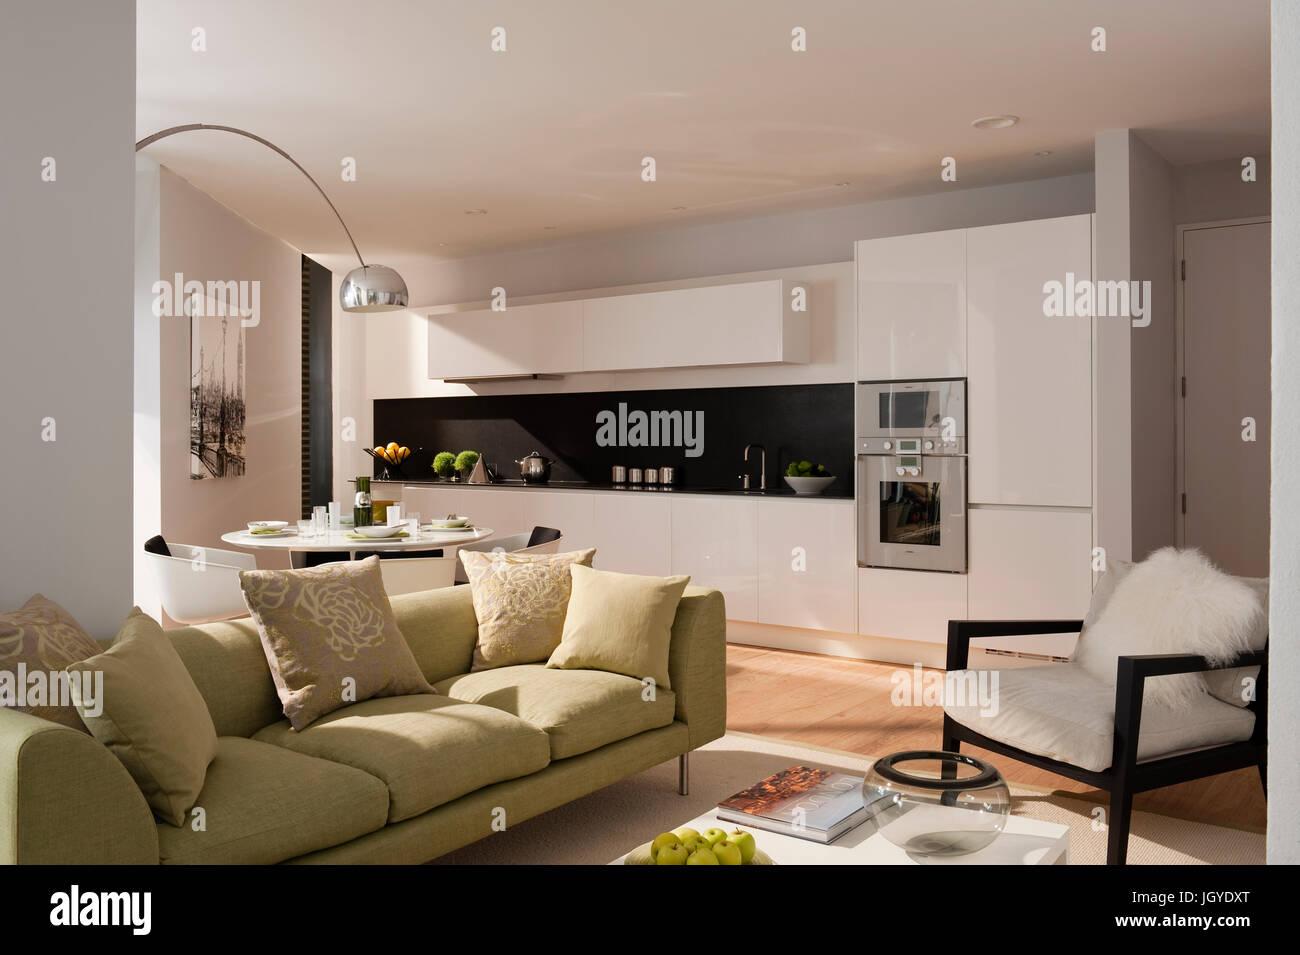 Cucina Con Salotto.Salotto A Pianta Aperta E Una Cucina Con Divano Verde Foto